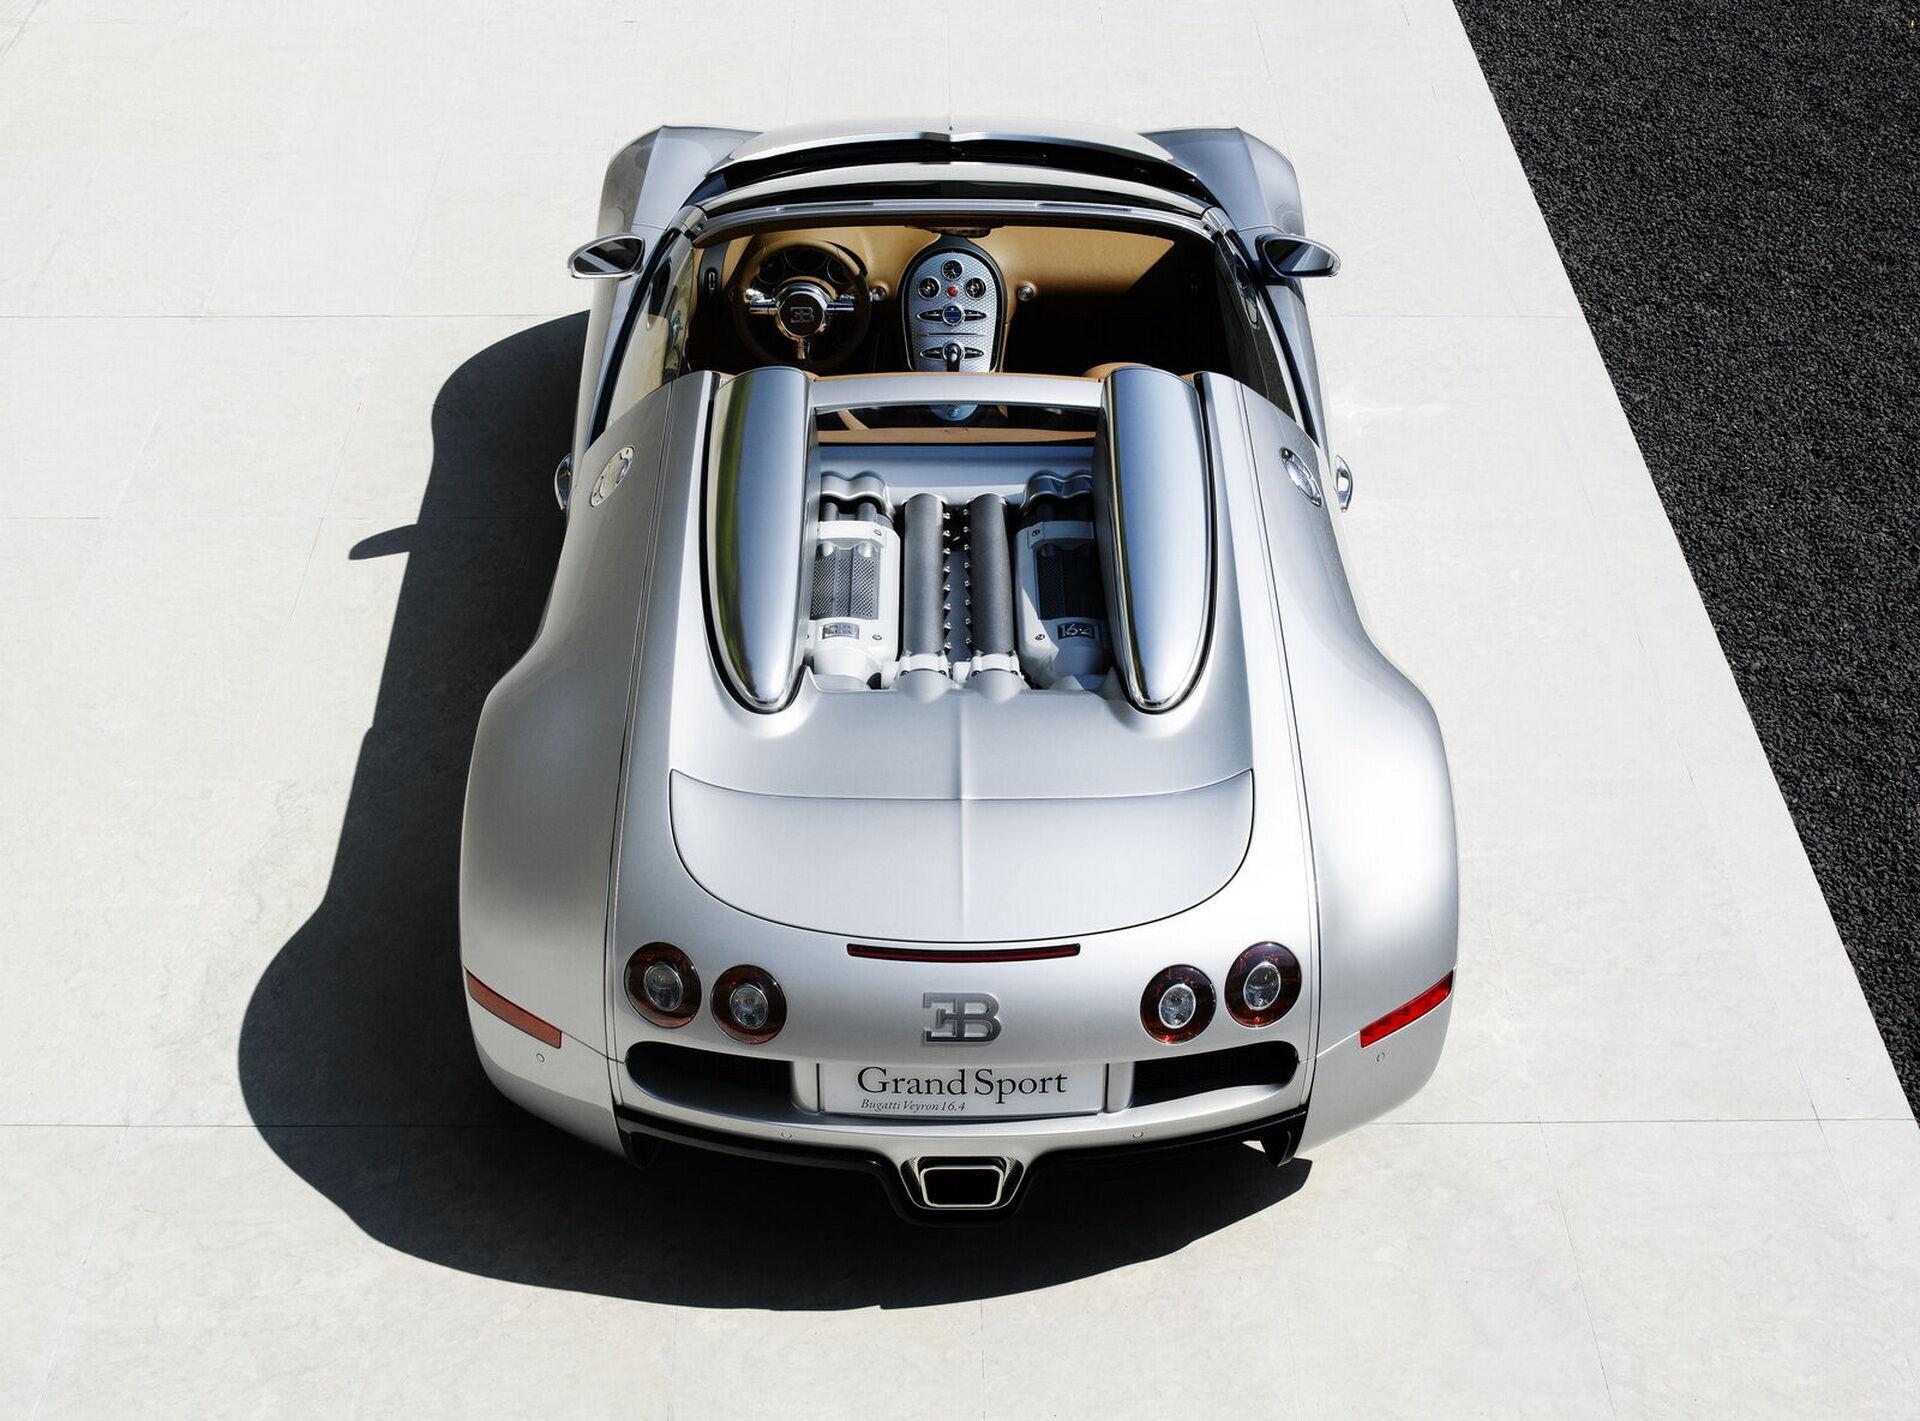 Дебют Veyron 16.4 Grand Sport відбувся у Каліфорнії у 2008 році